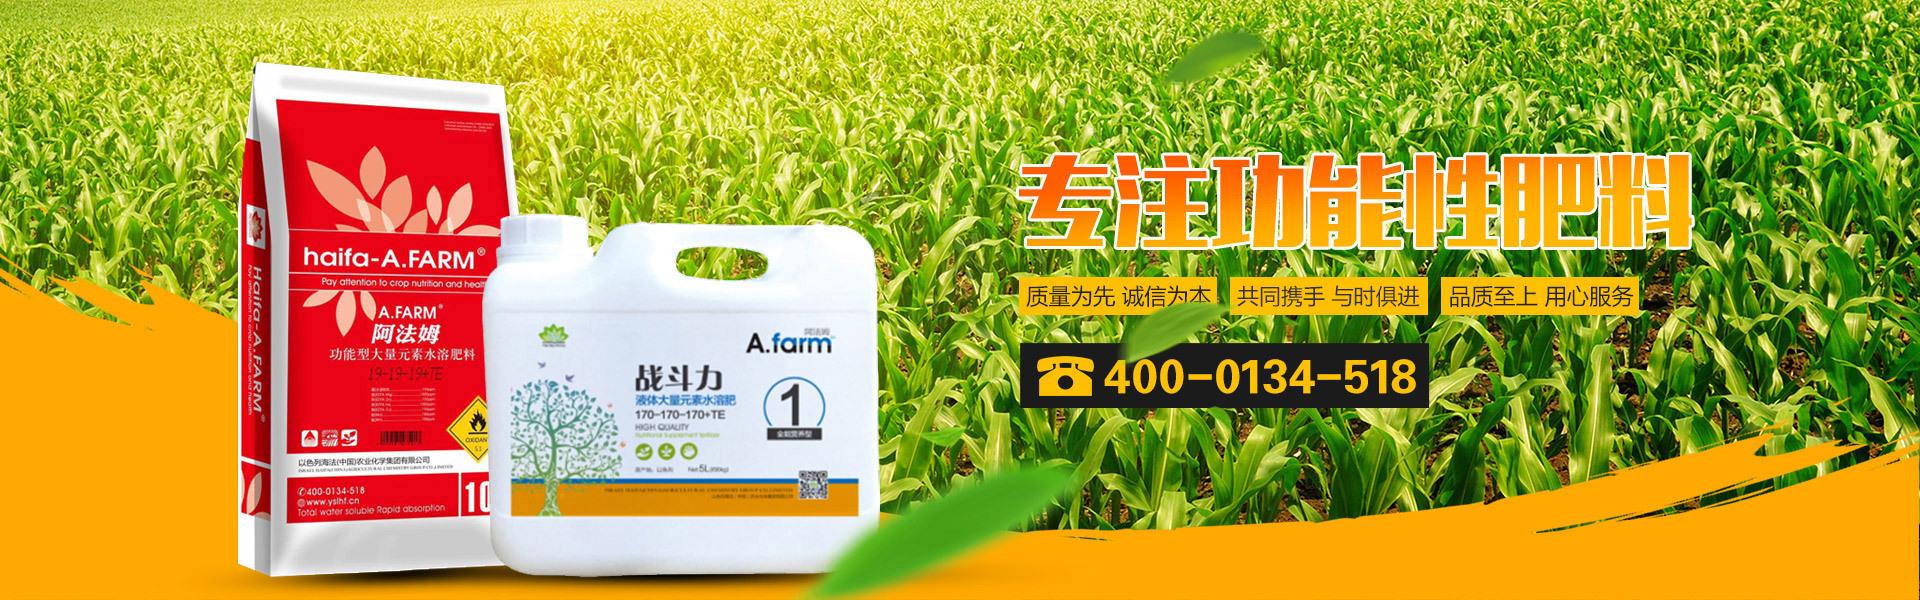 青岛海中金肥业有限公司